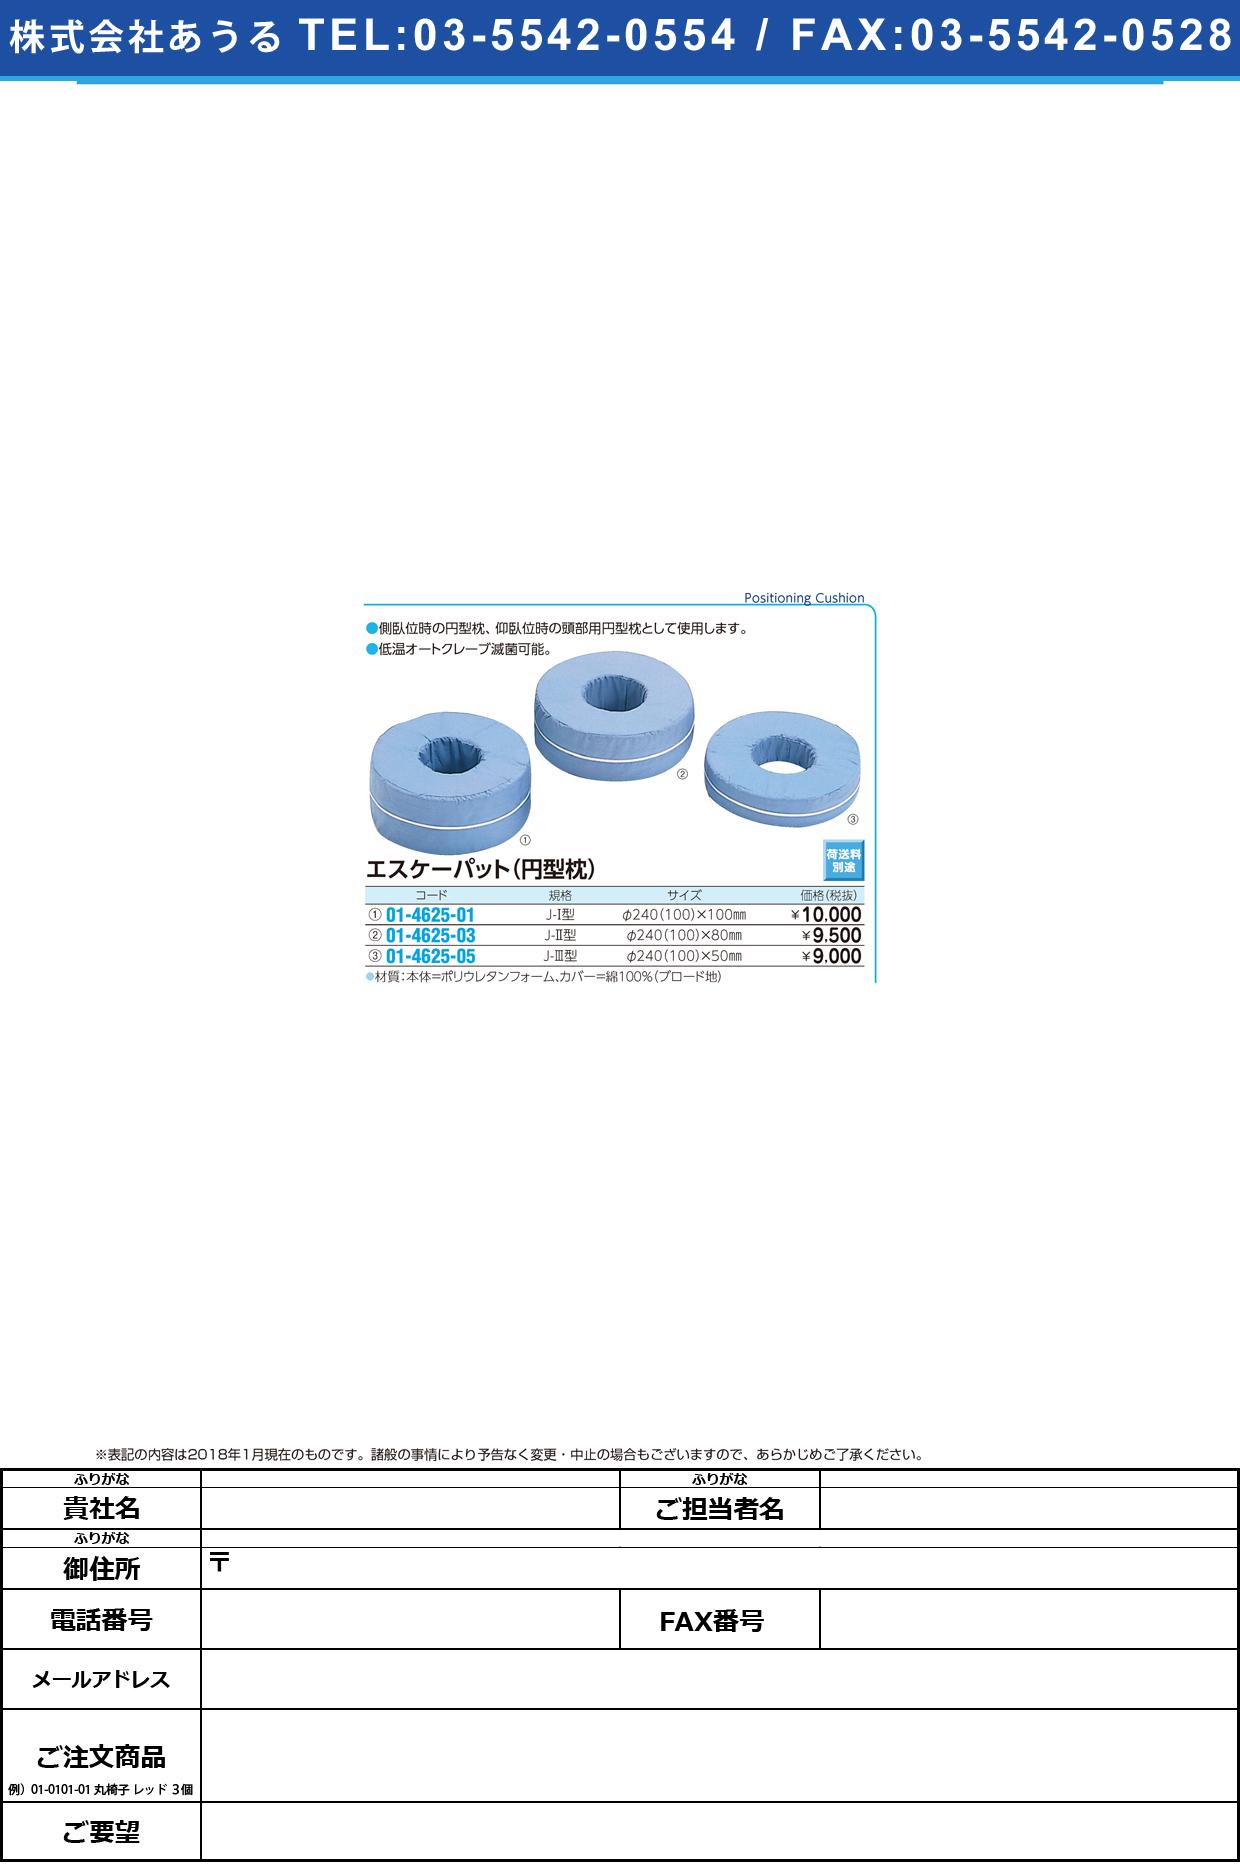 (01-4625-05)エスケーパット(円型枕) J-3ガタ エスケーパット【1個単位】【2019年カタログ商品】